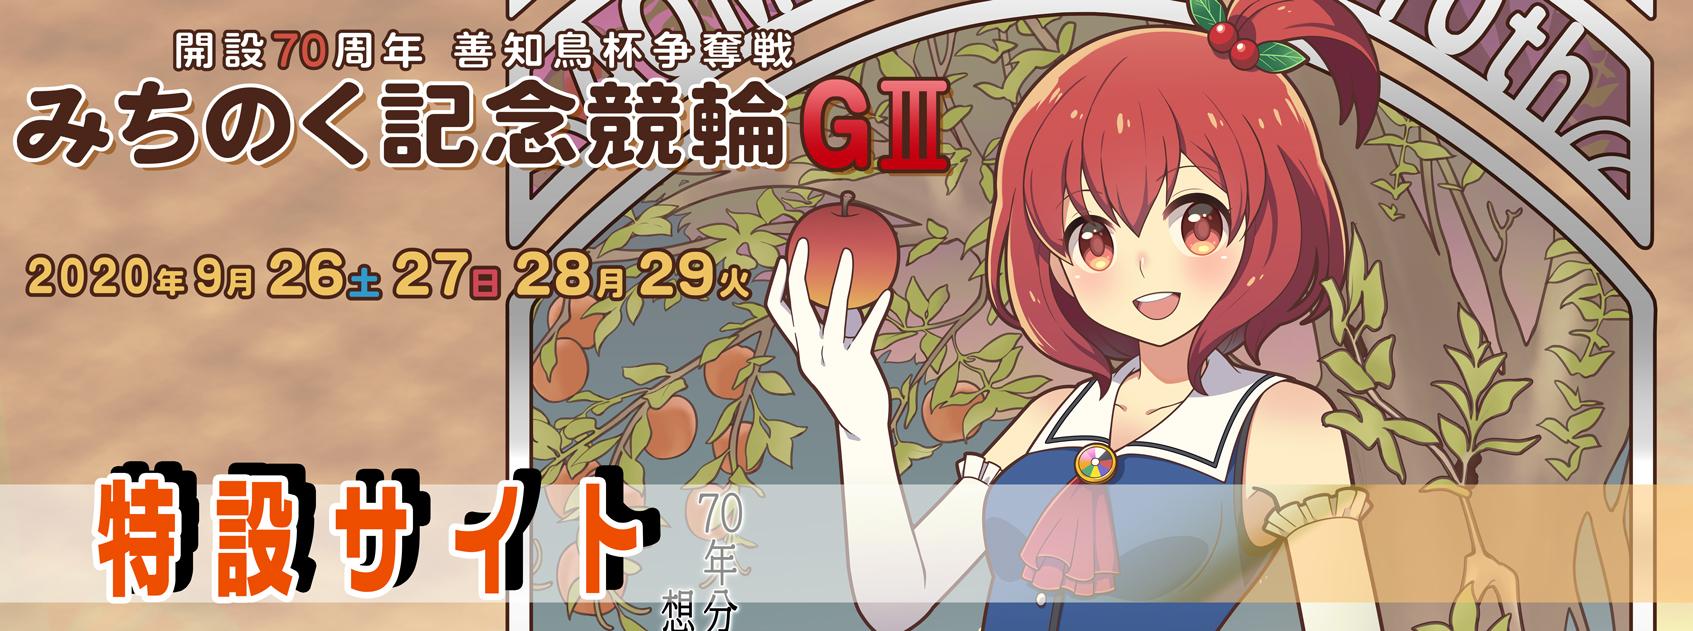 青森競輪 みちのく記念善知鳥杯争奪戦(G3)競輪グレードレース展望